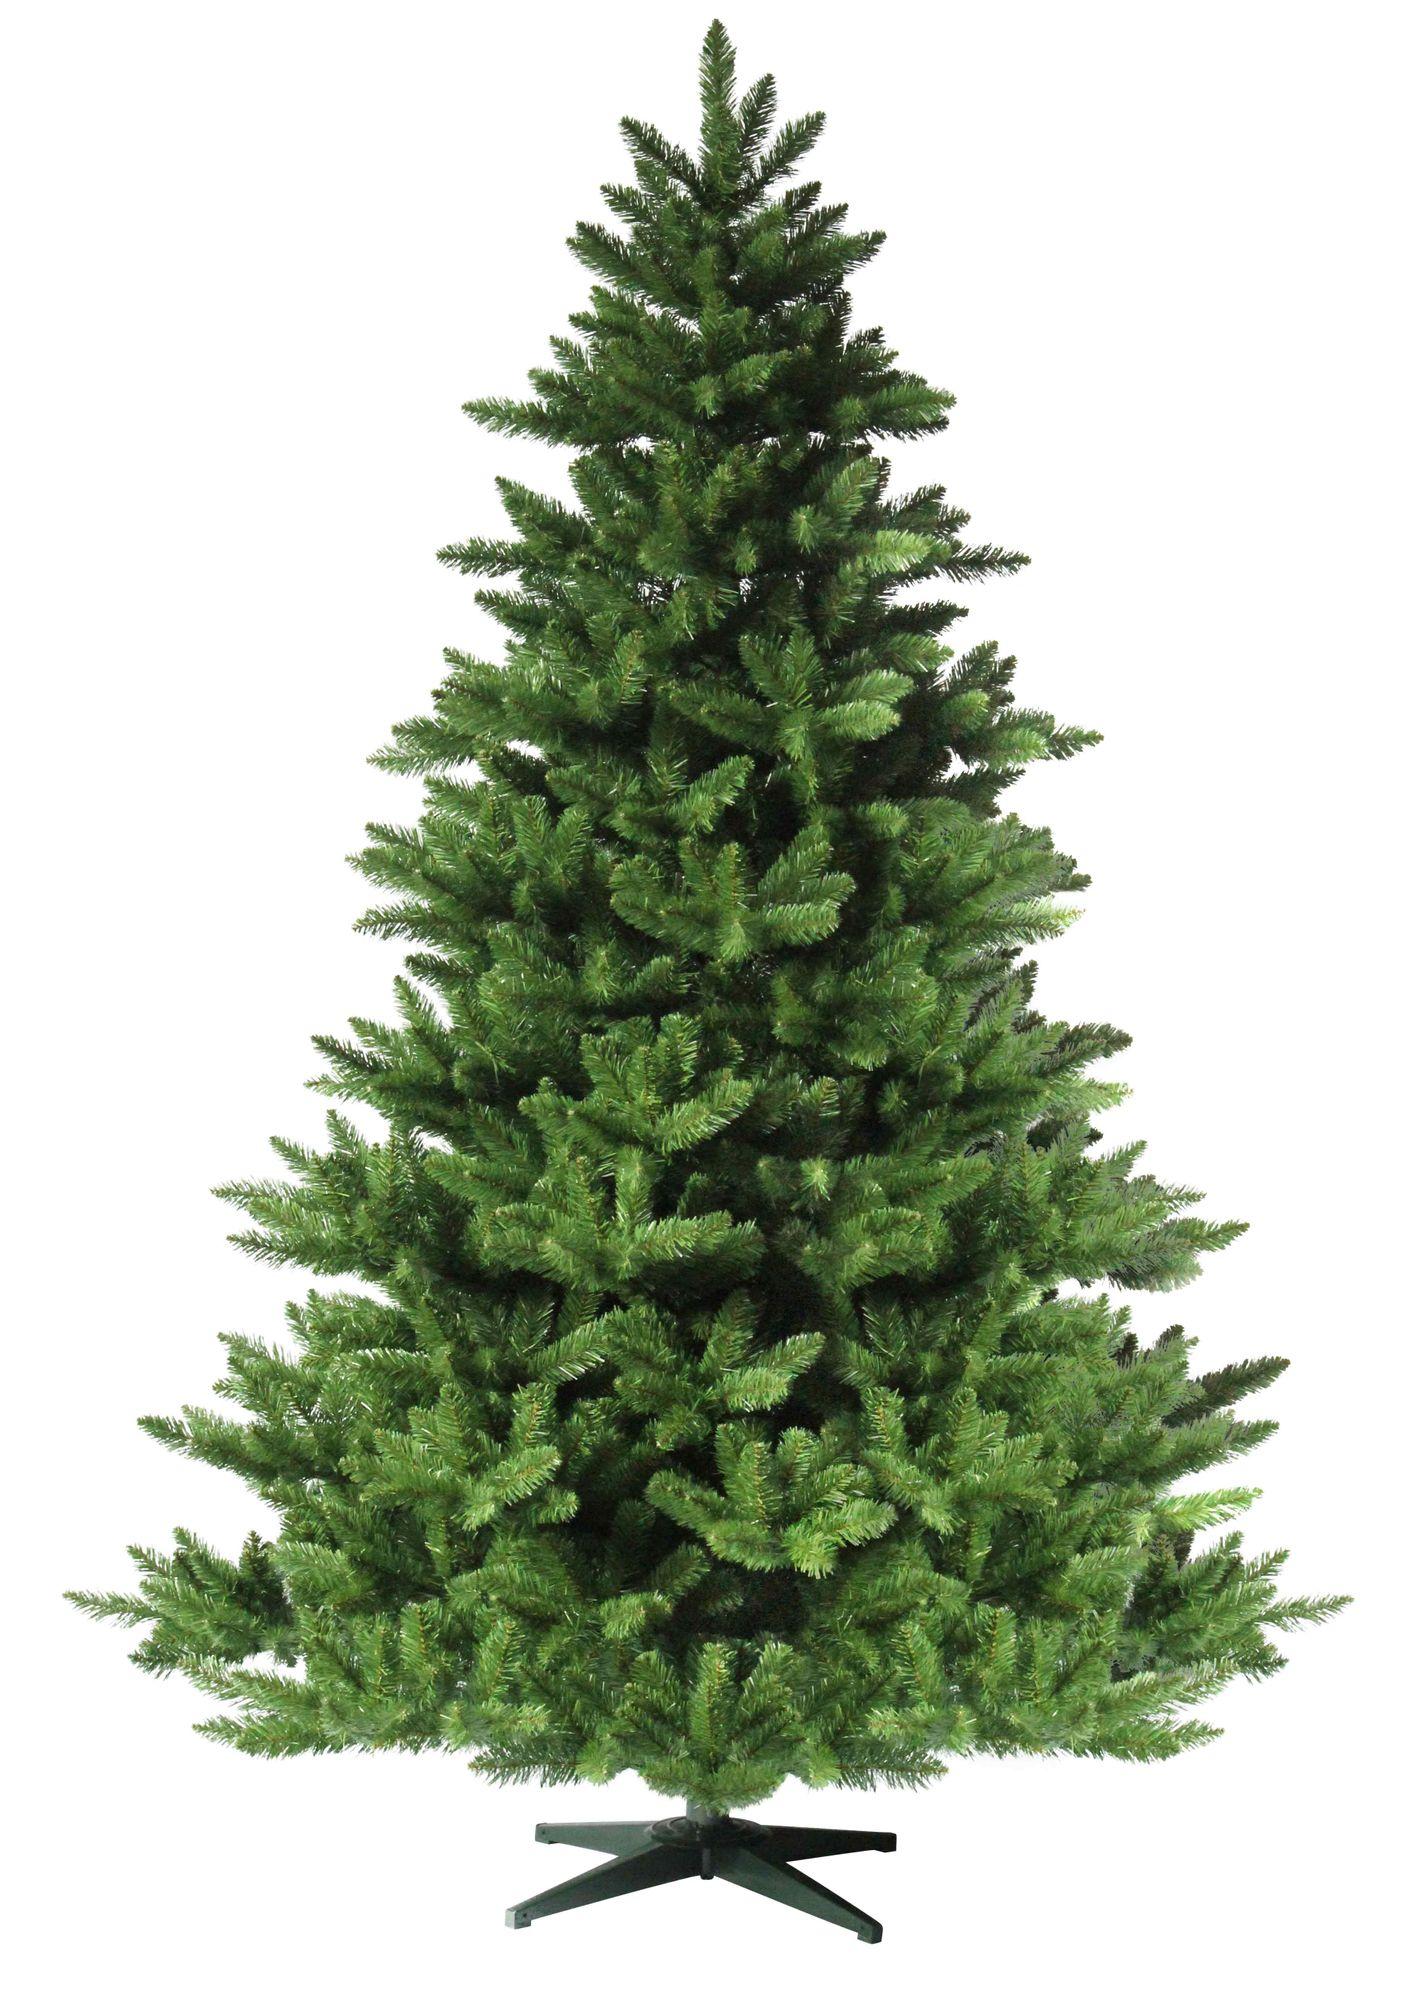 Foto Weihnachtsbaum.Hxt 19001 120 Cm Kunstlicher Weihnachtsbaum